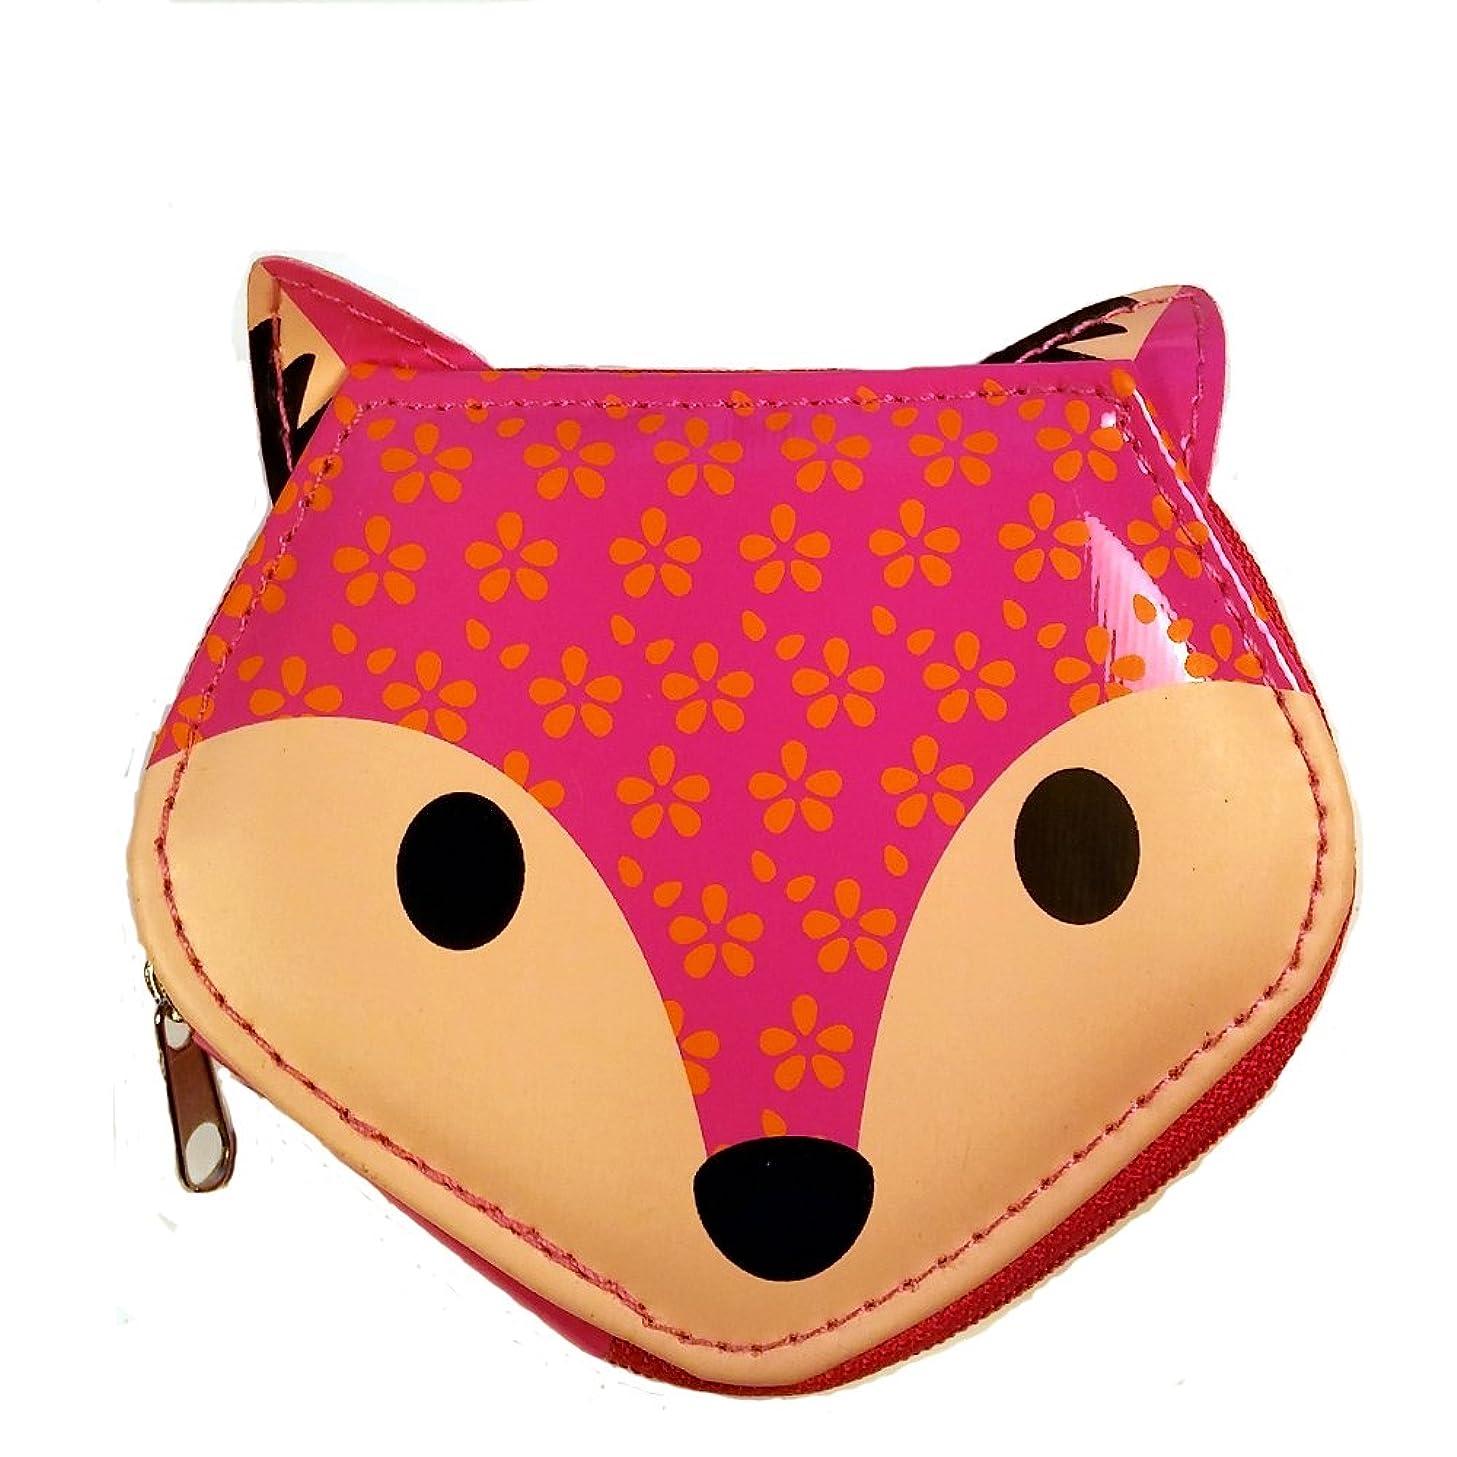 Fox Sewing Kit (Pink)